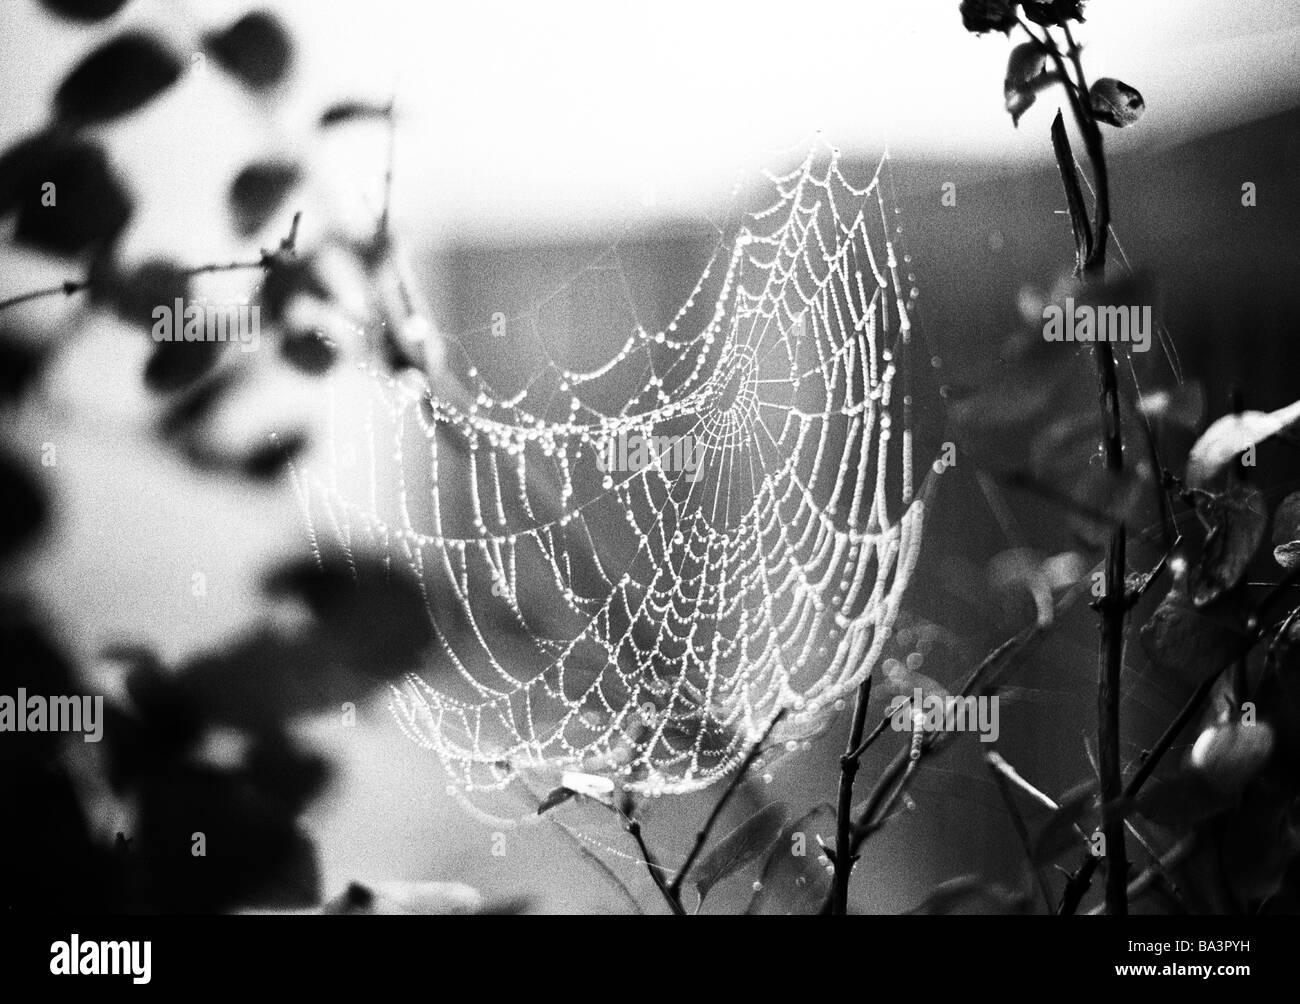 black and white photo, nature, animal world, spiderweb - Stock Image